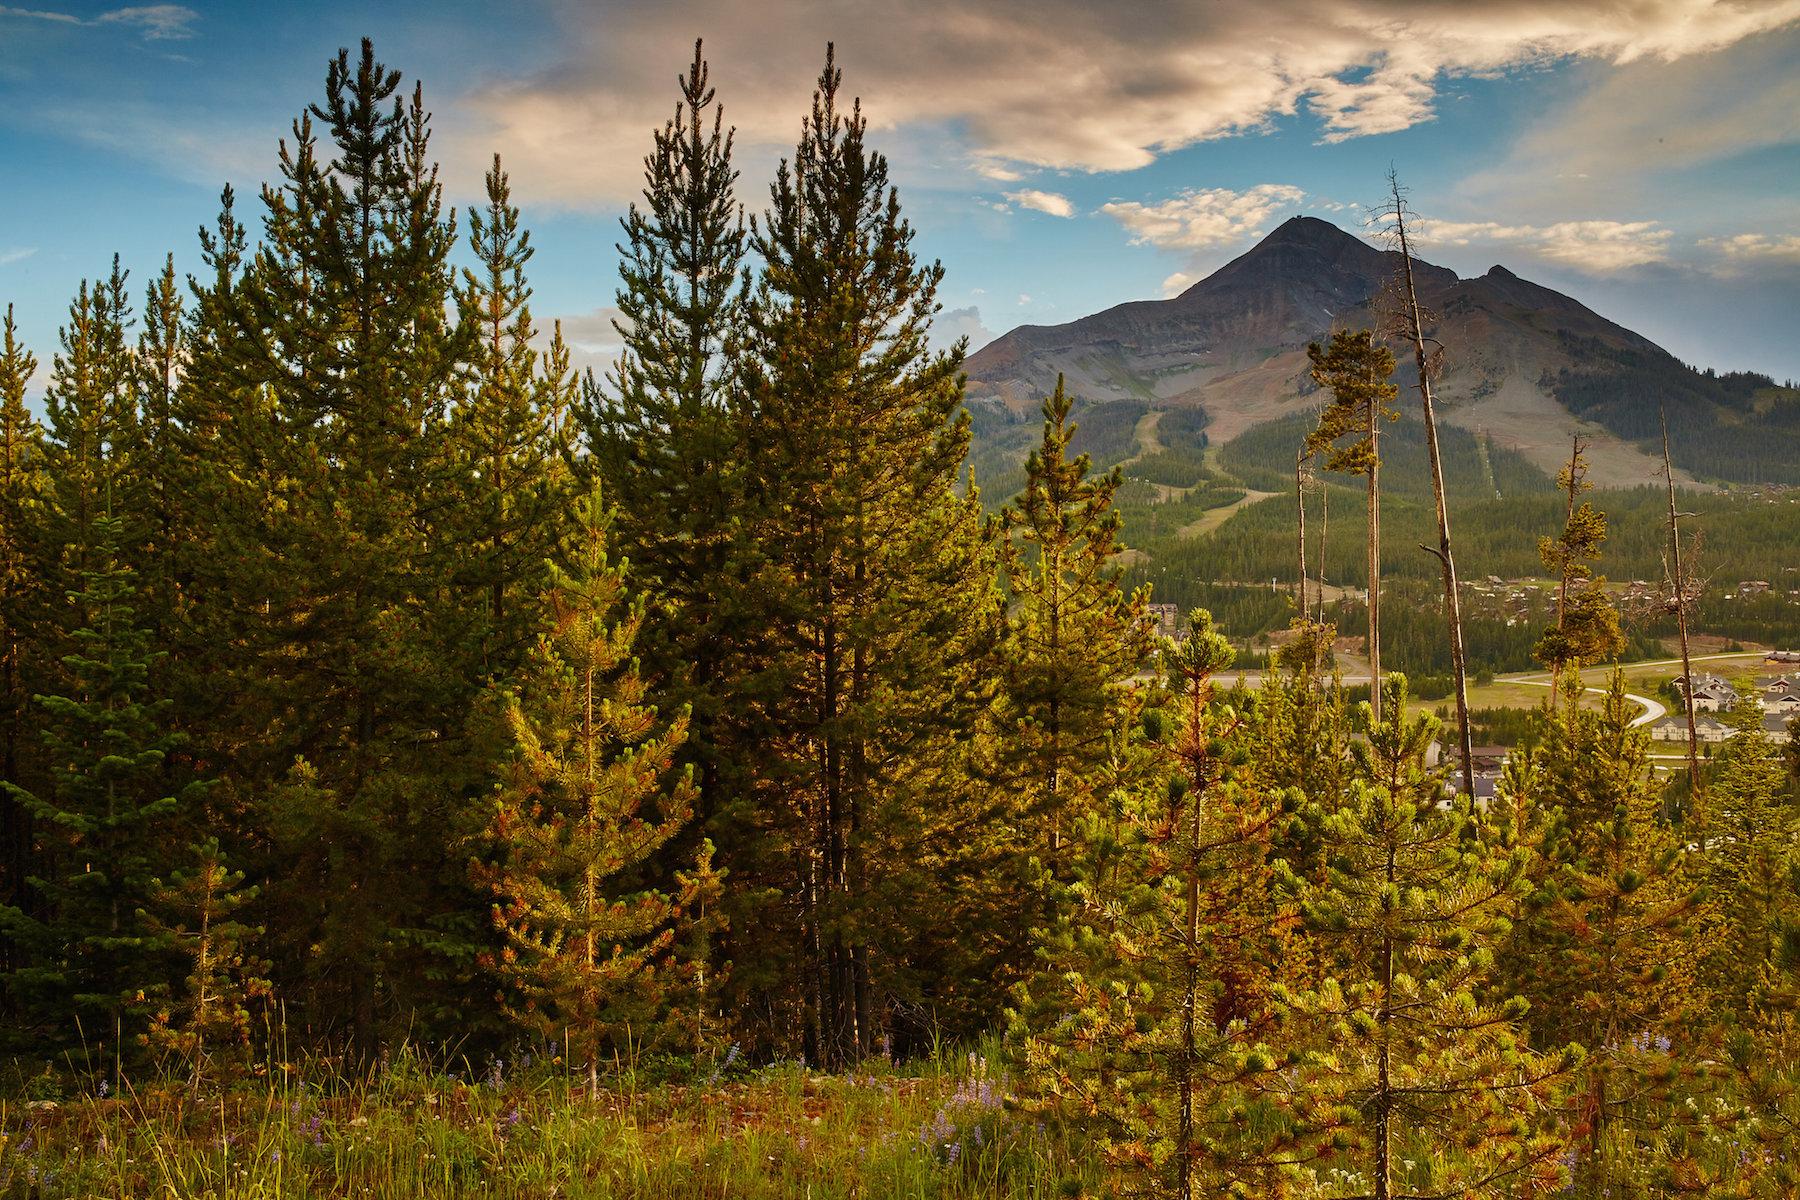 Terreno per Vendita alle ore Summit View Homesite Summit View Drive, Ph 1, Lot 3 Big Sky, Montana, 59716 Stati Uniti